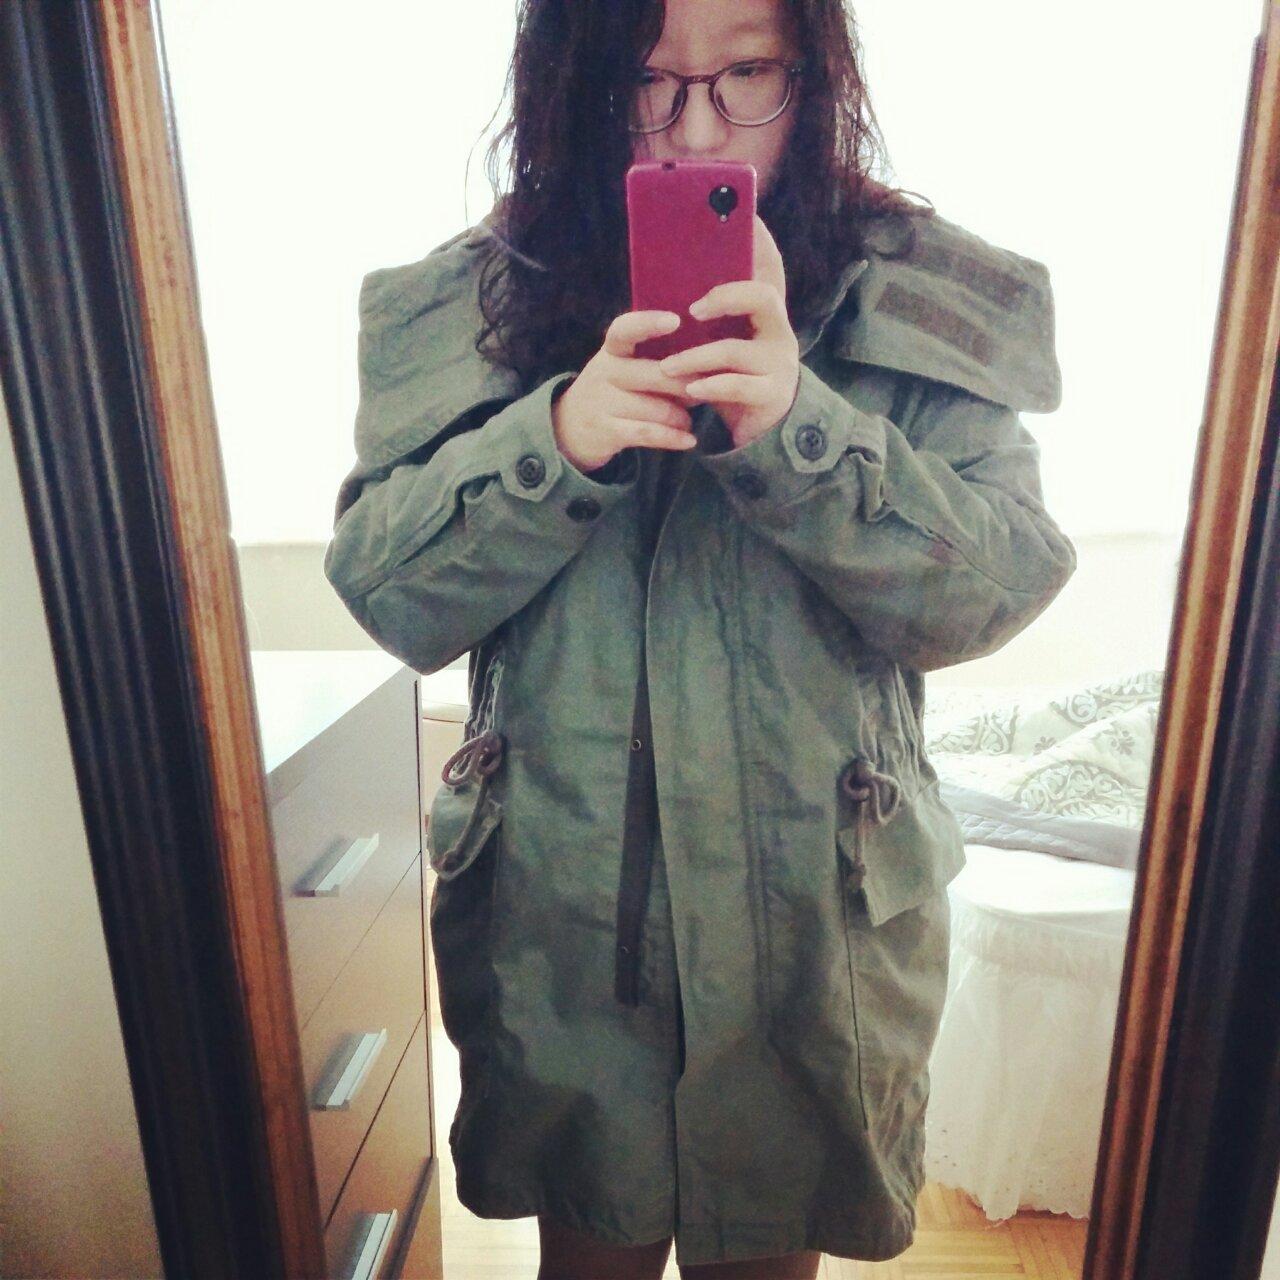 추워져서 야상 입고 다니는 중.